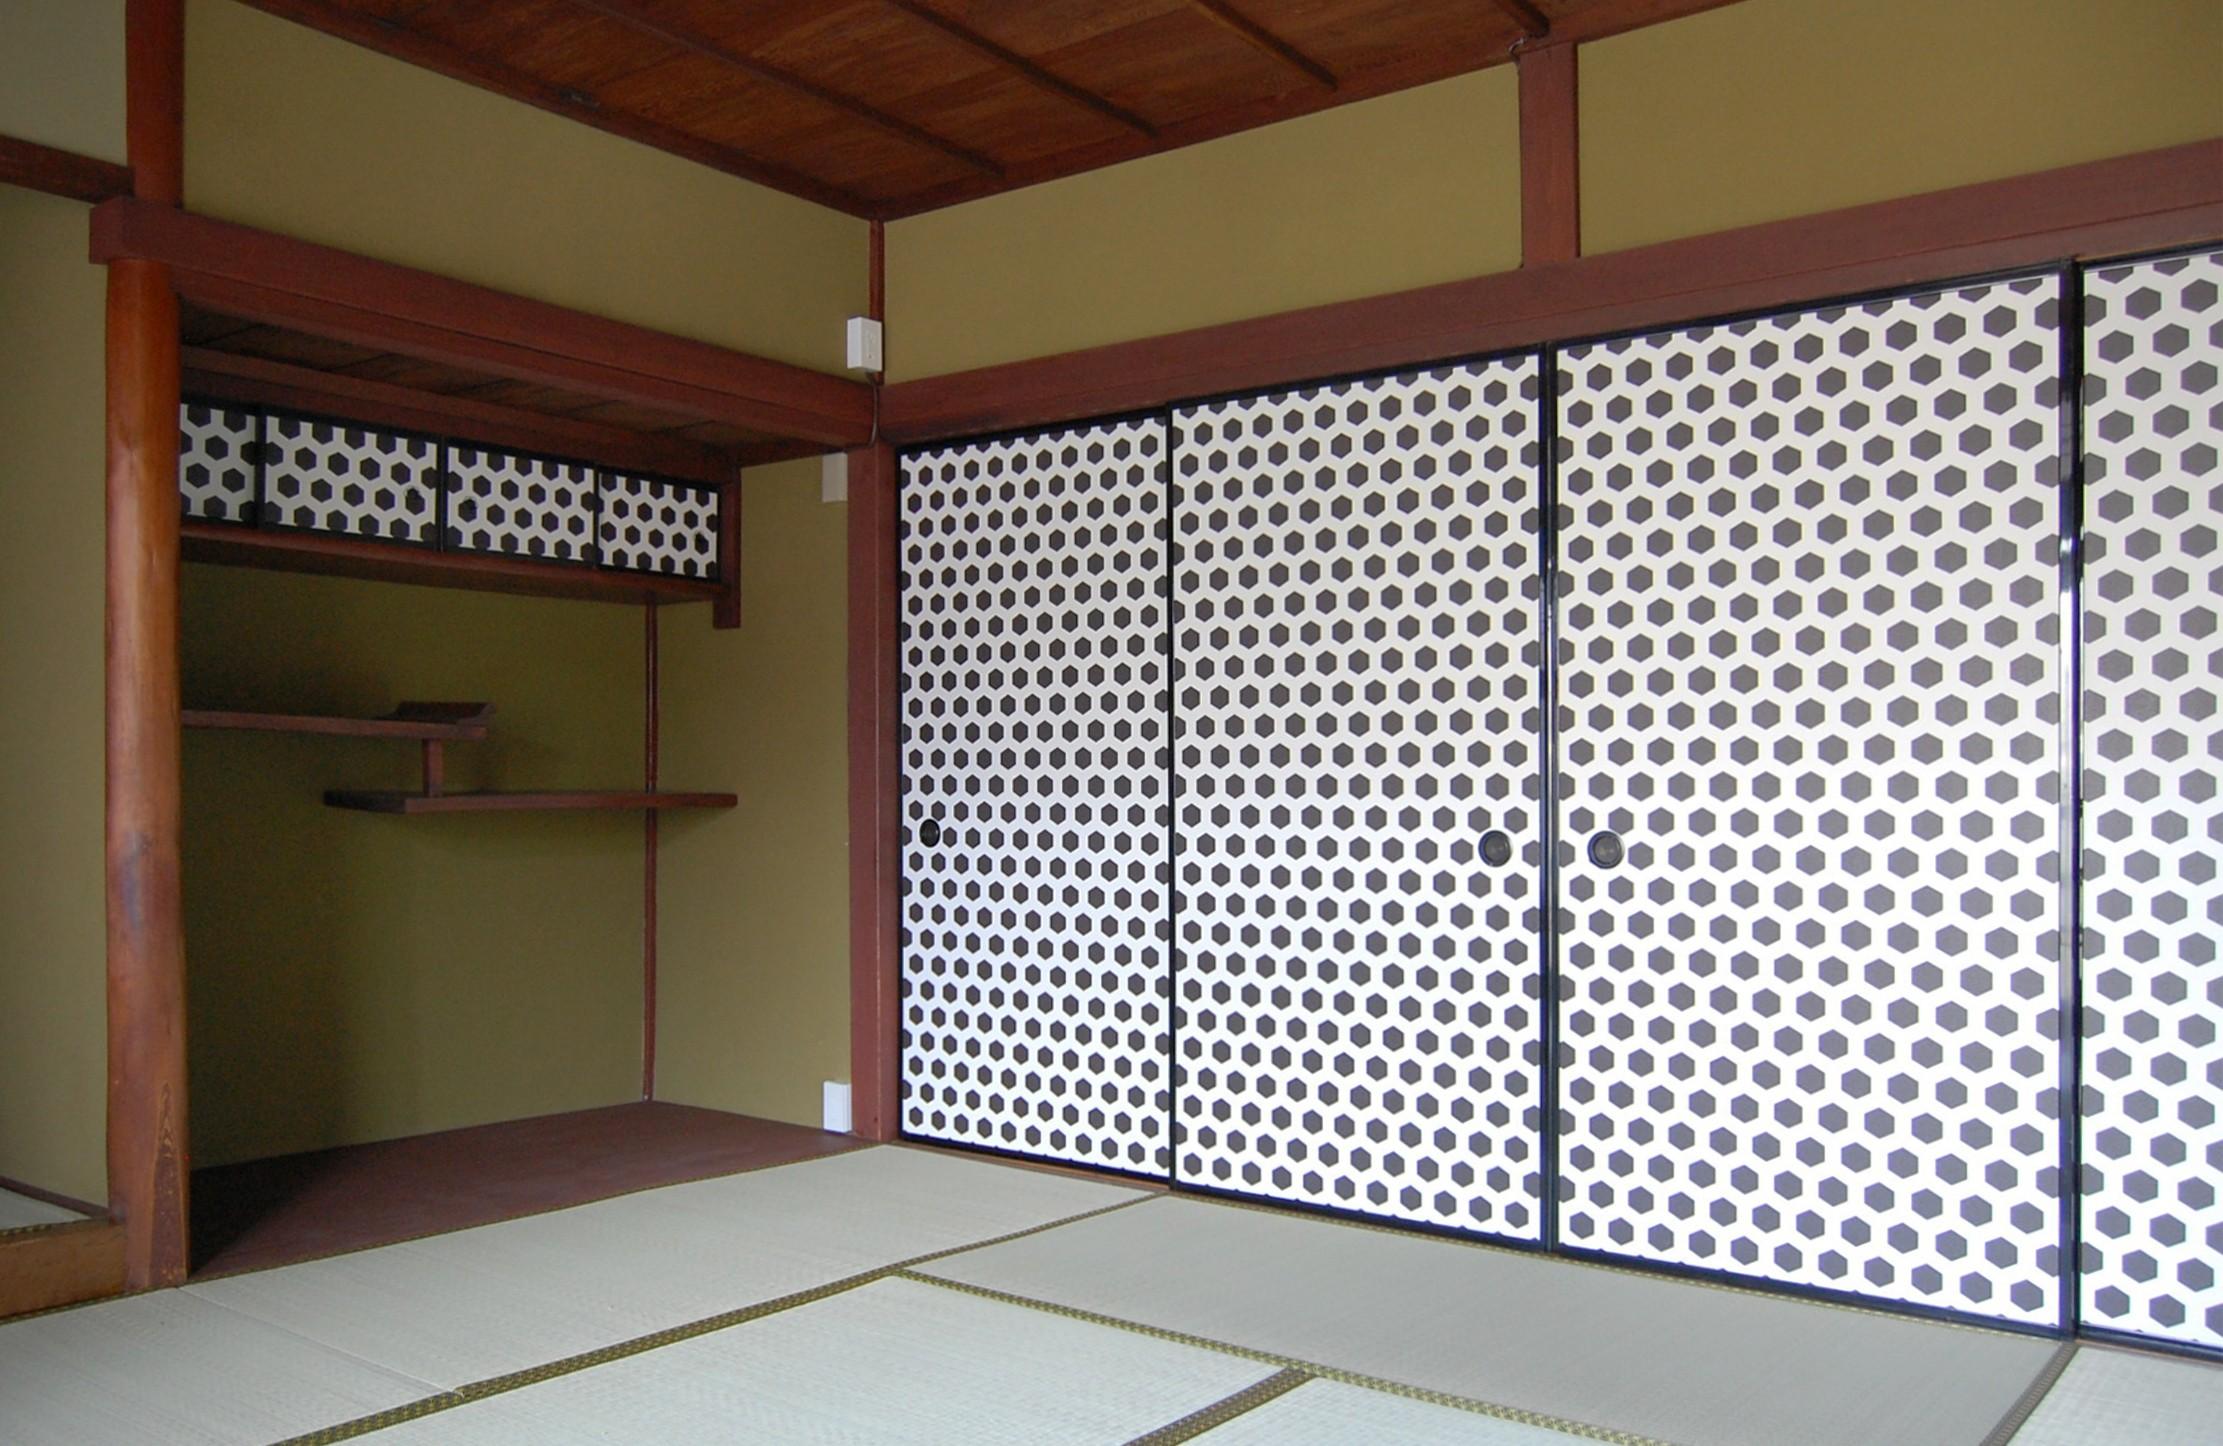 2枚目 和室 壁紙を襖に用いて和室をモダンにリノベーション その他事例 Suvaco スバコ